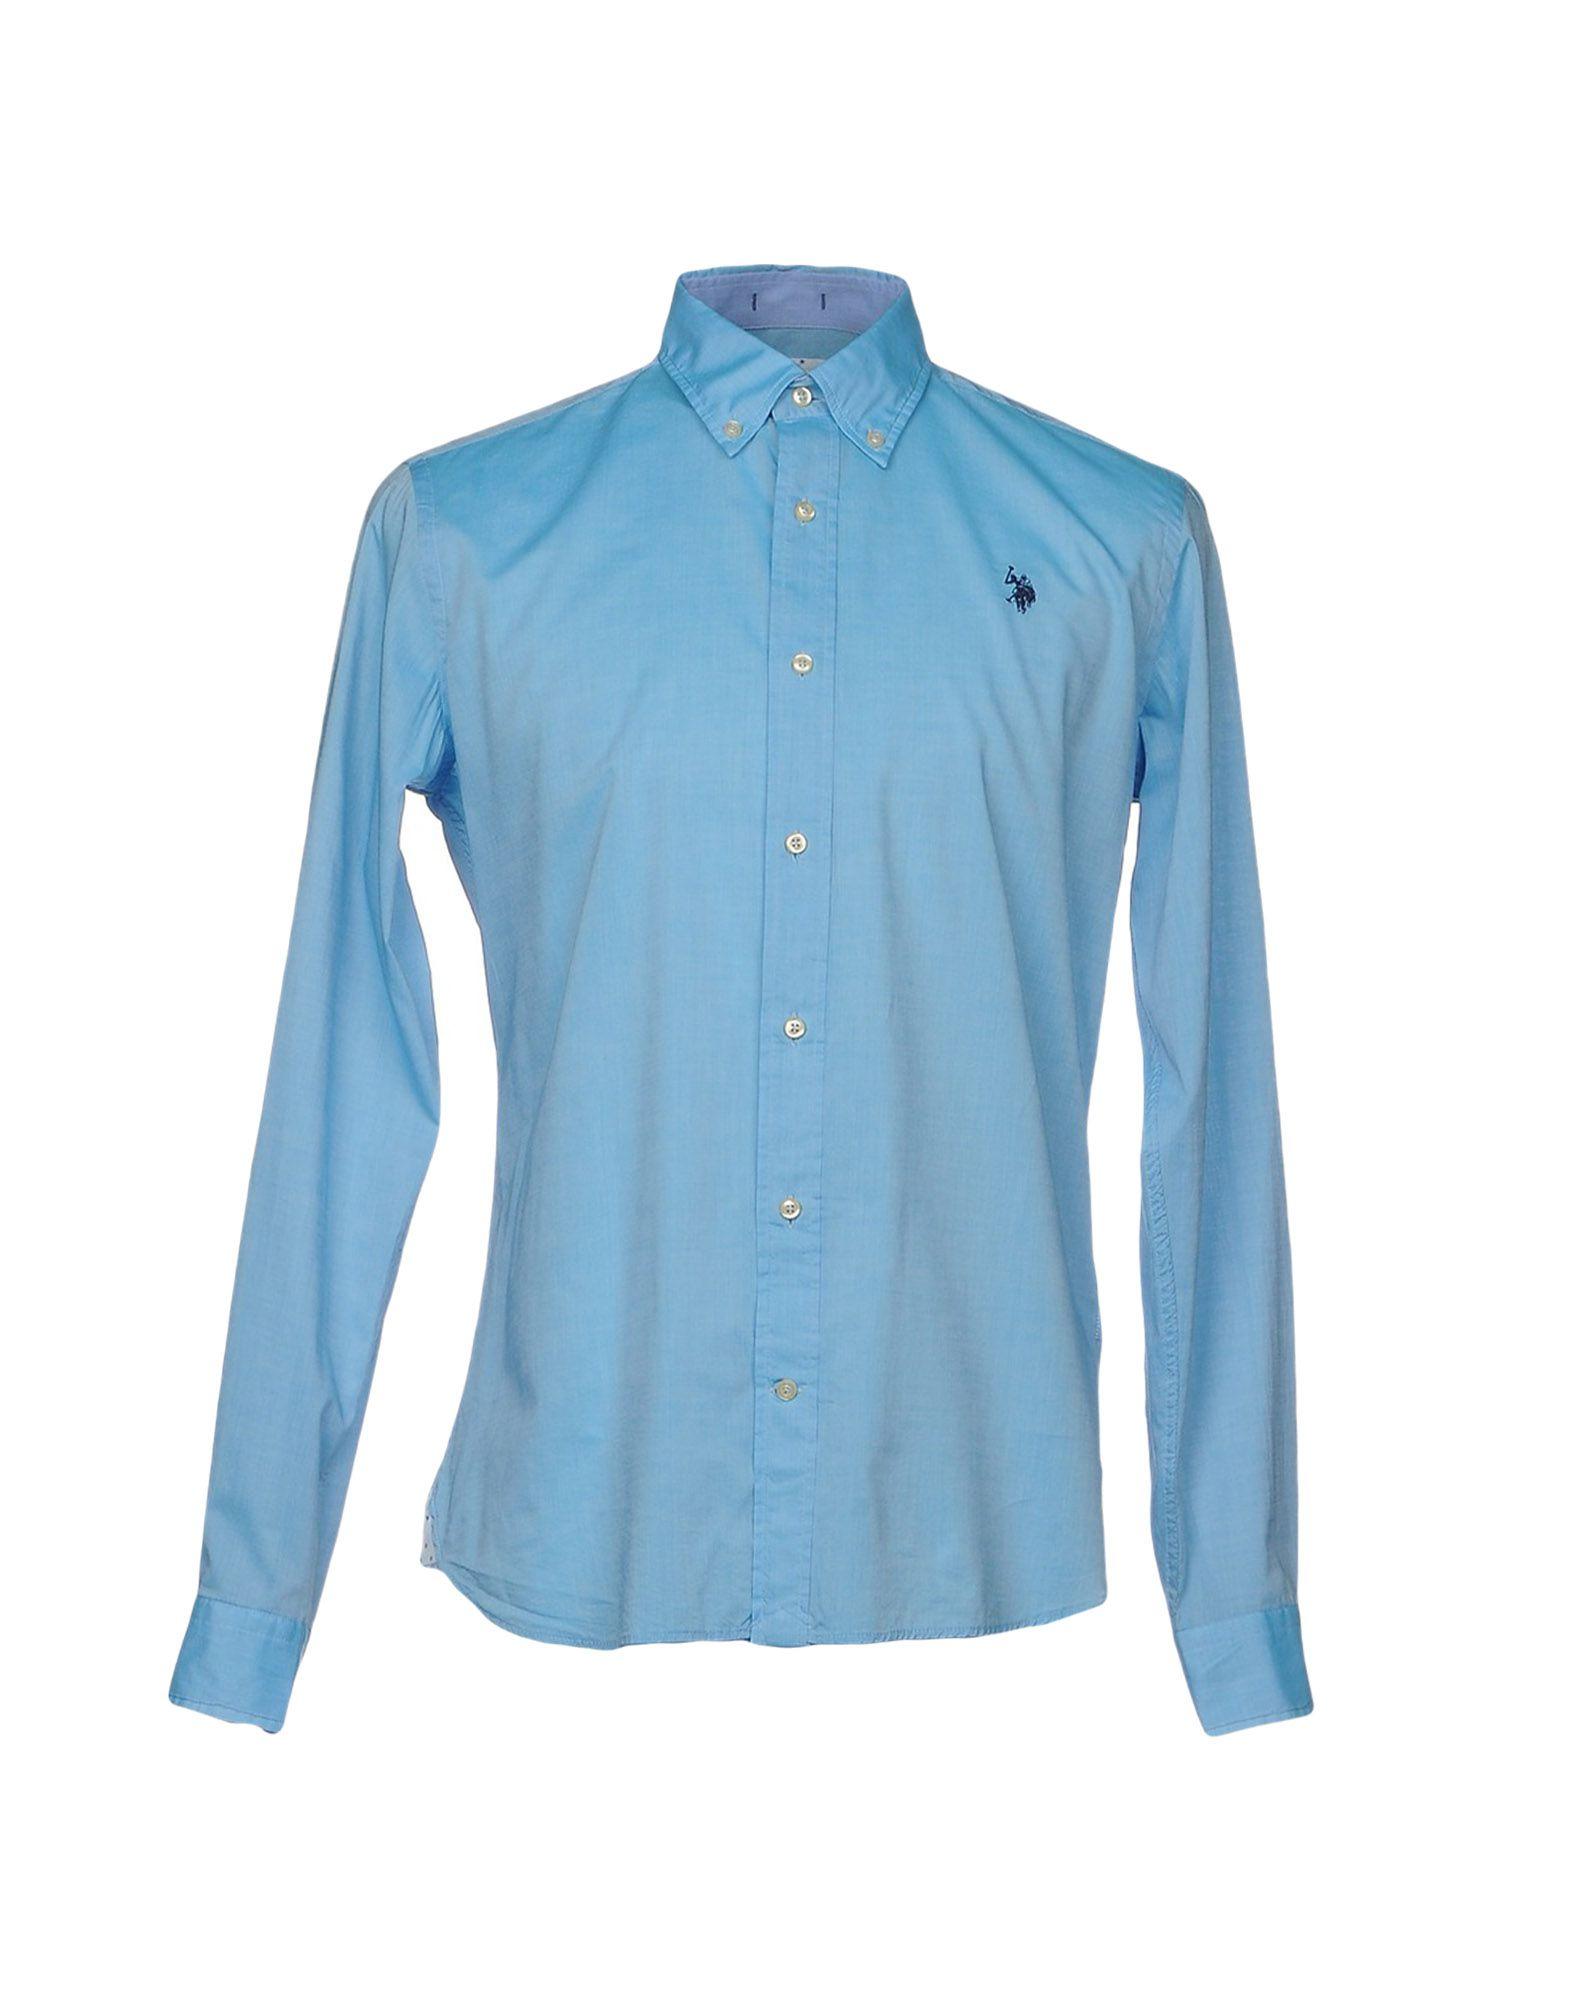 《送料無料》U.S.POLO ASSN. メンズ シャツ アジュールブルー M コットン 100%